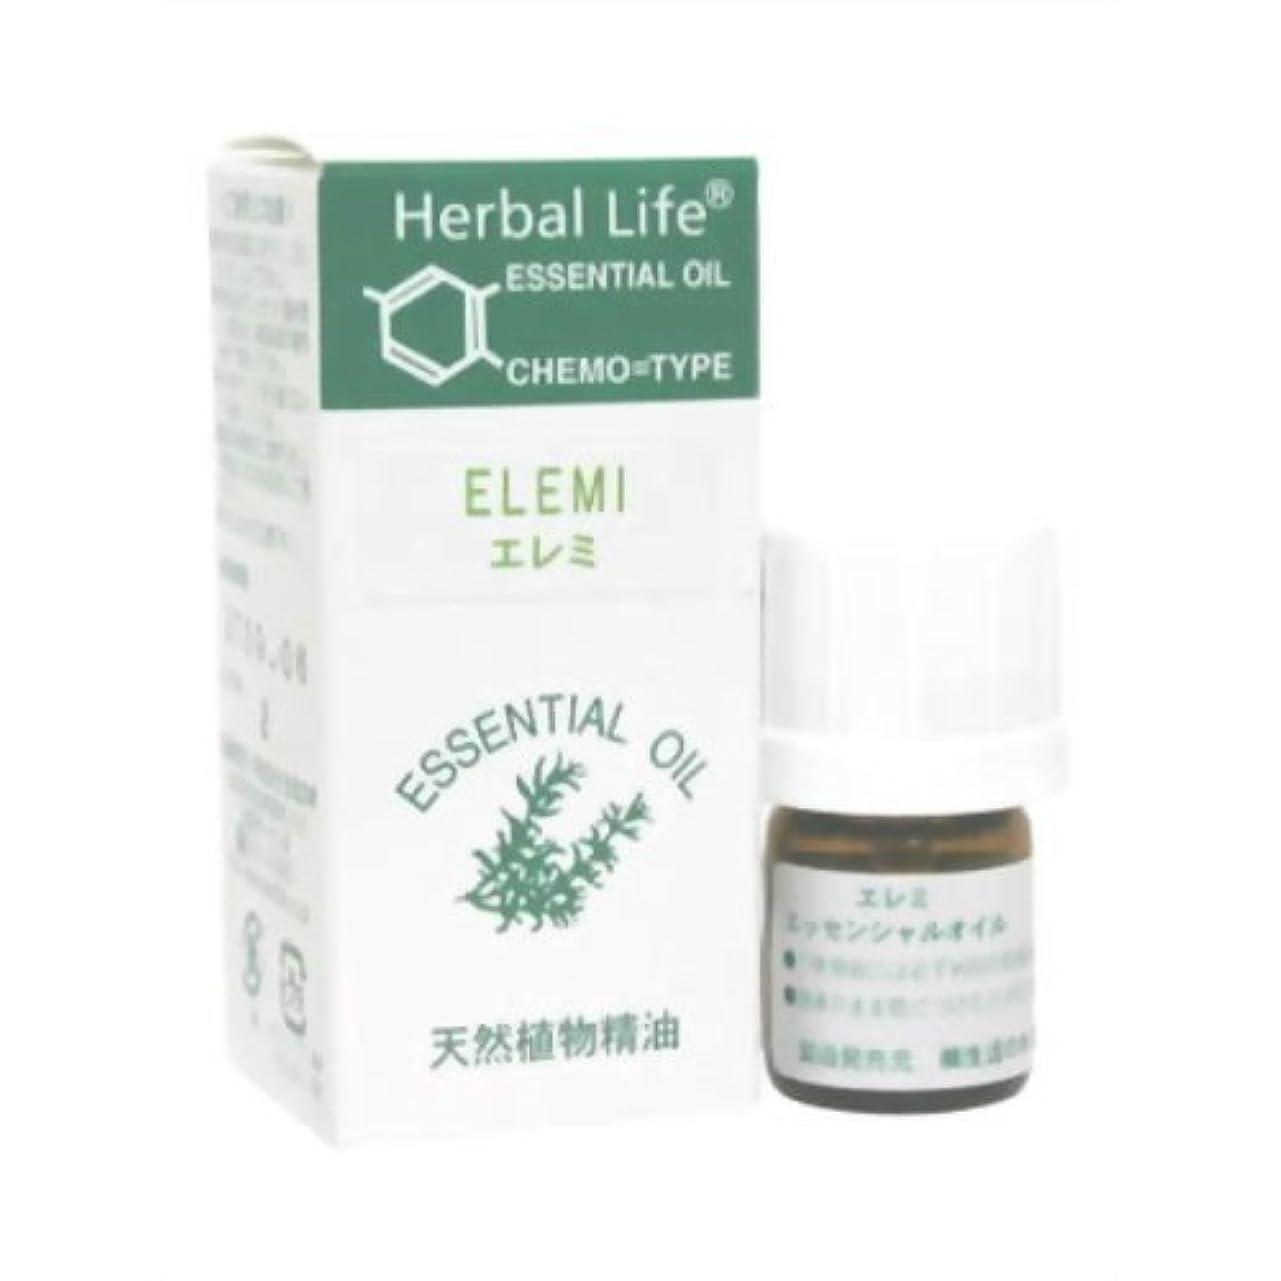 シャープグレード溝Herbal Life エレミ 3ml